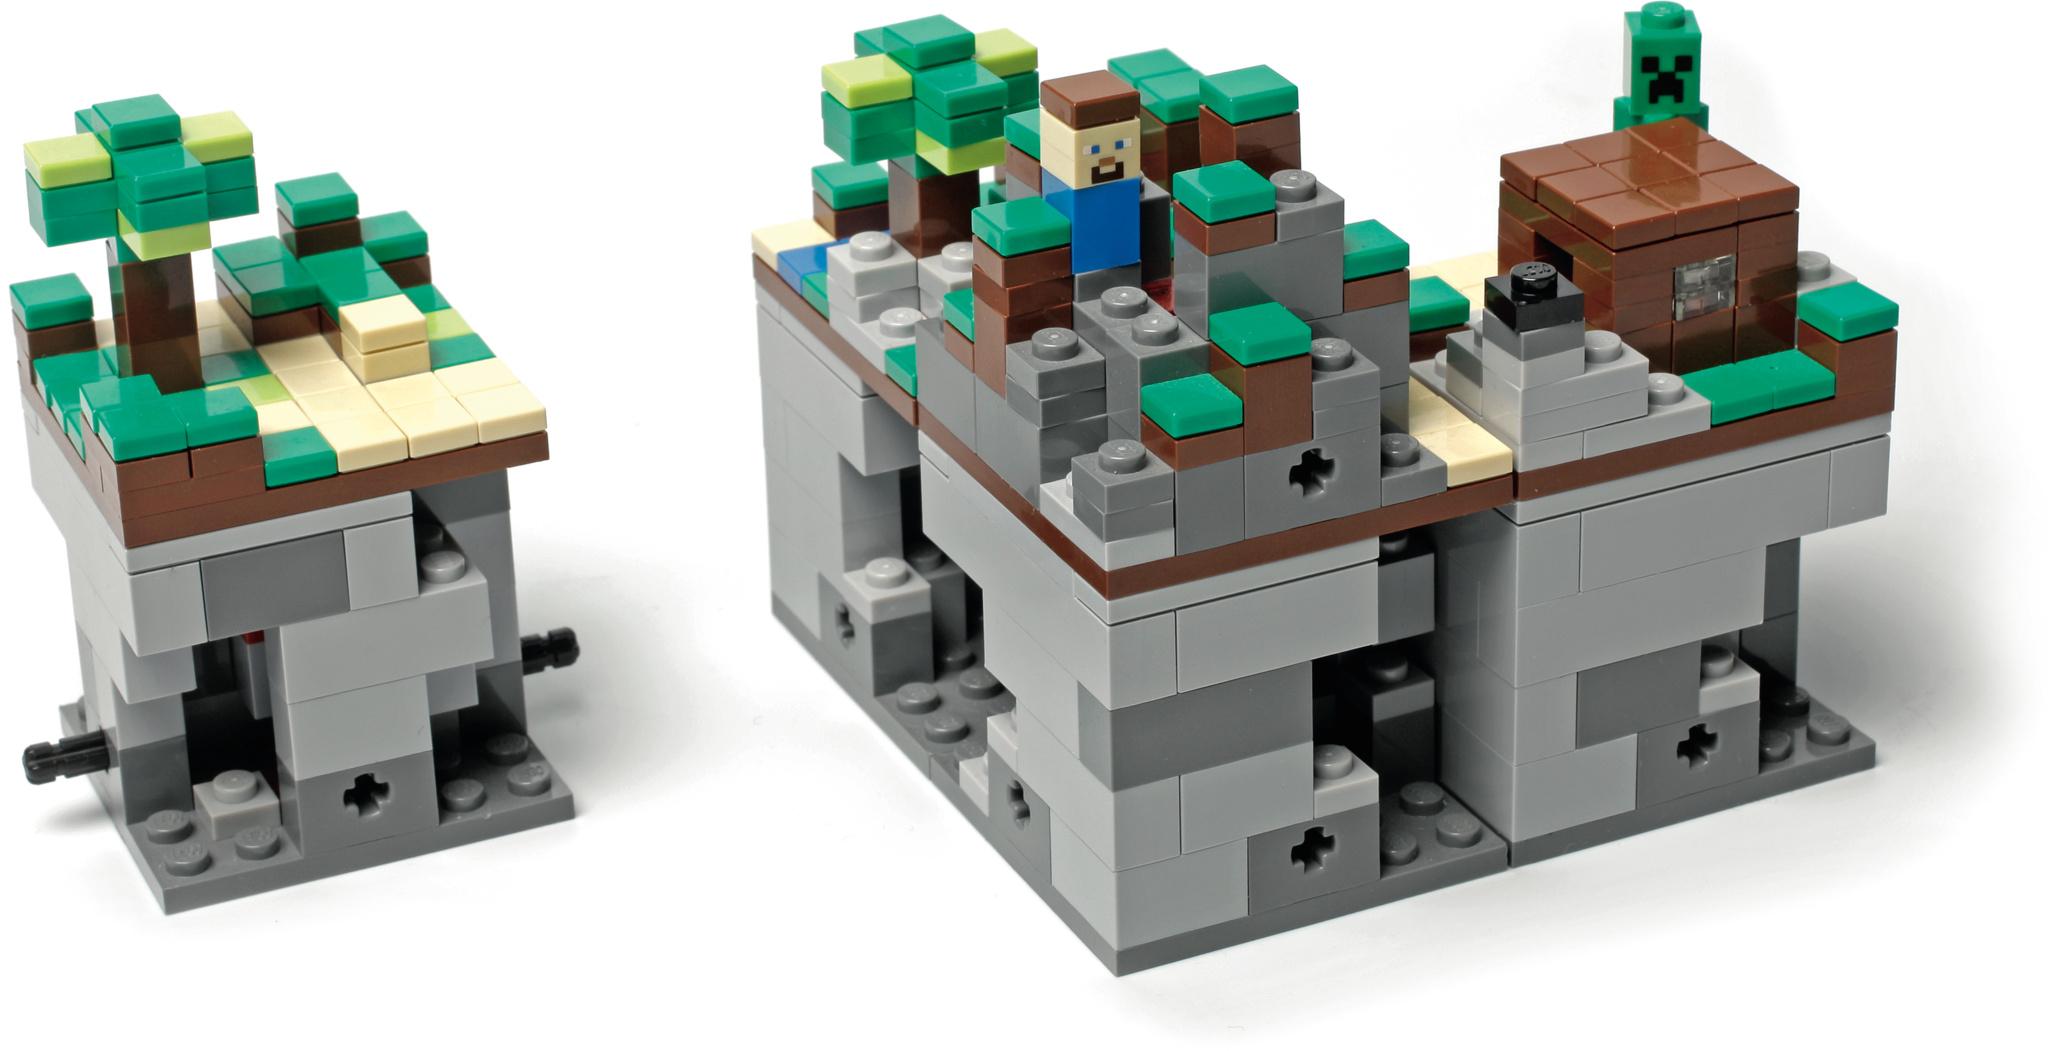 Entstanden als fan initiative das lego minecraft set verbindet virtuelles und echtes lego